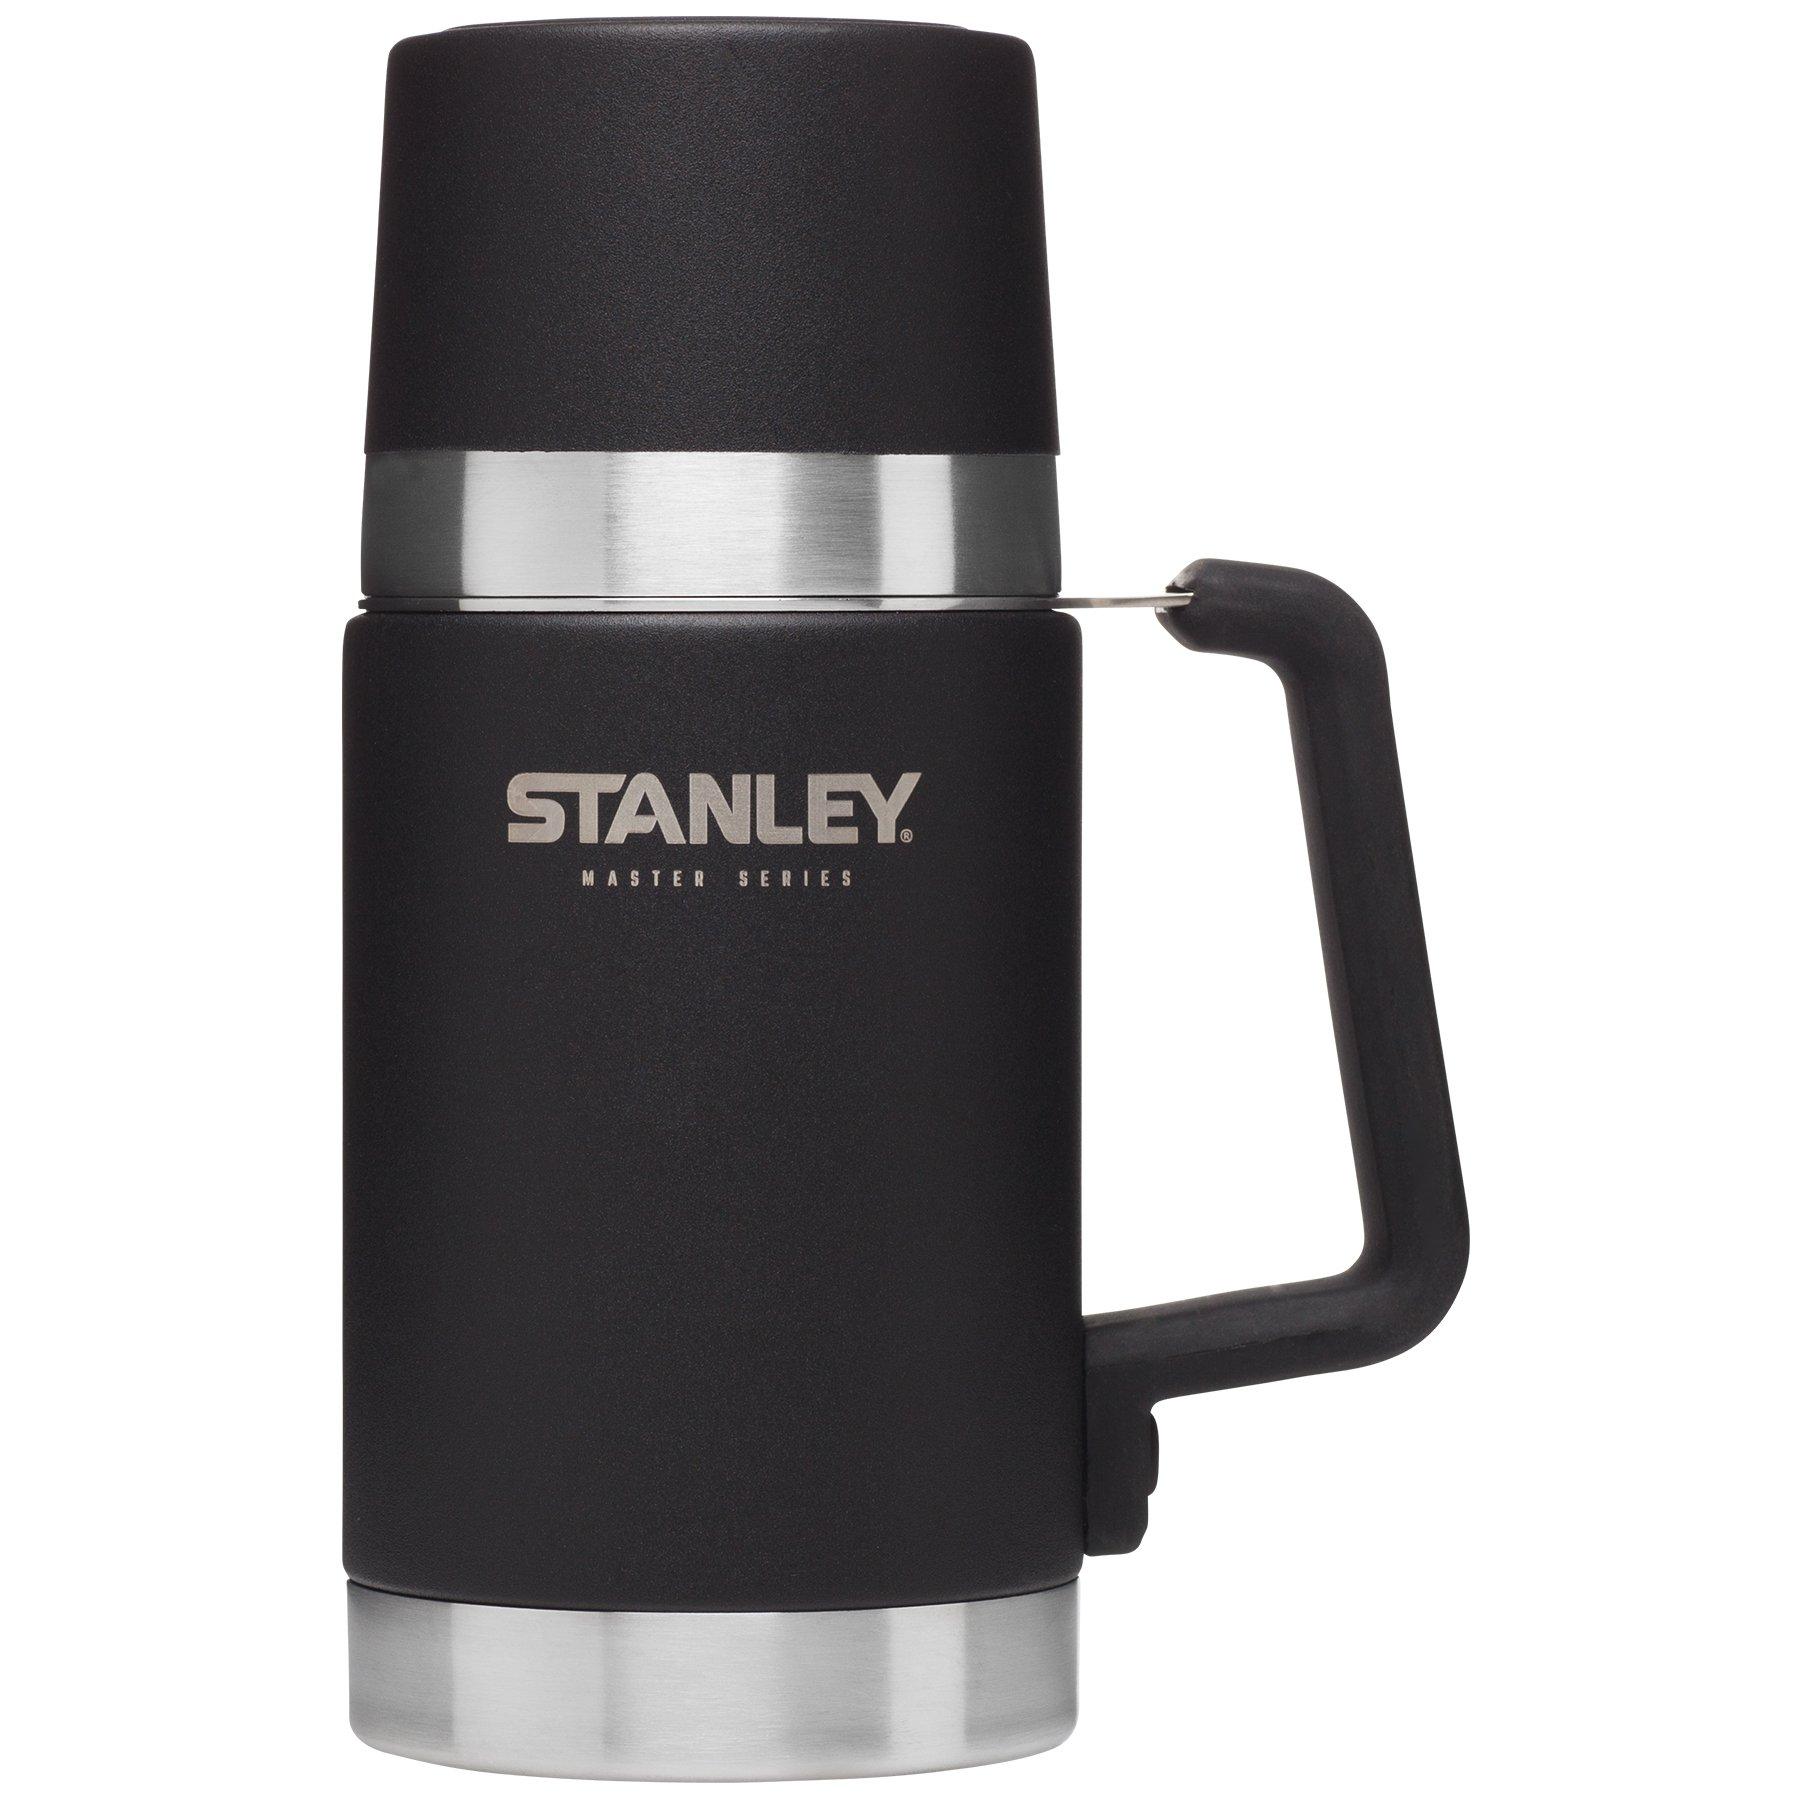 Stanley Master Vacuum Food Jar, Foundry Black, 24 oz by Stanley